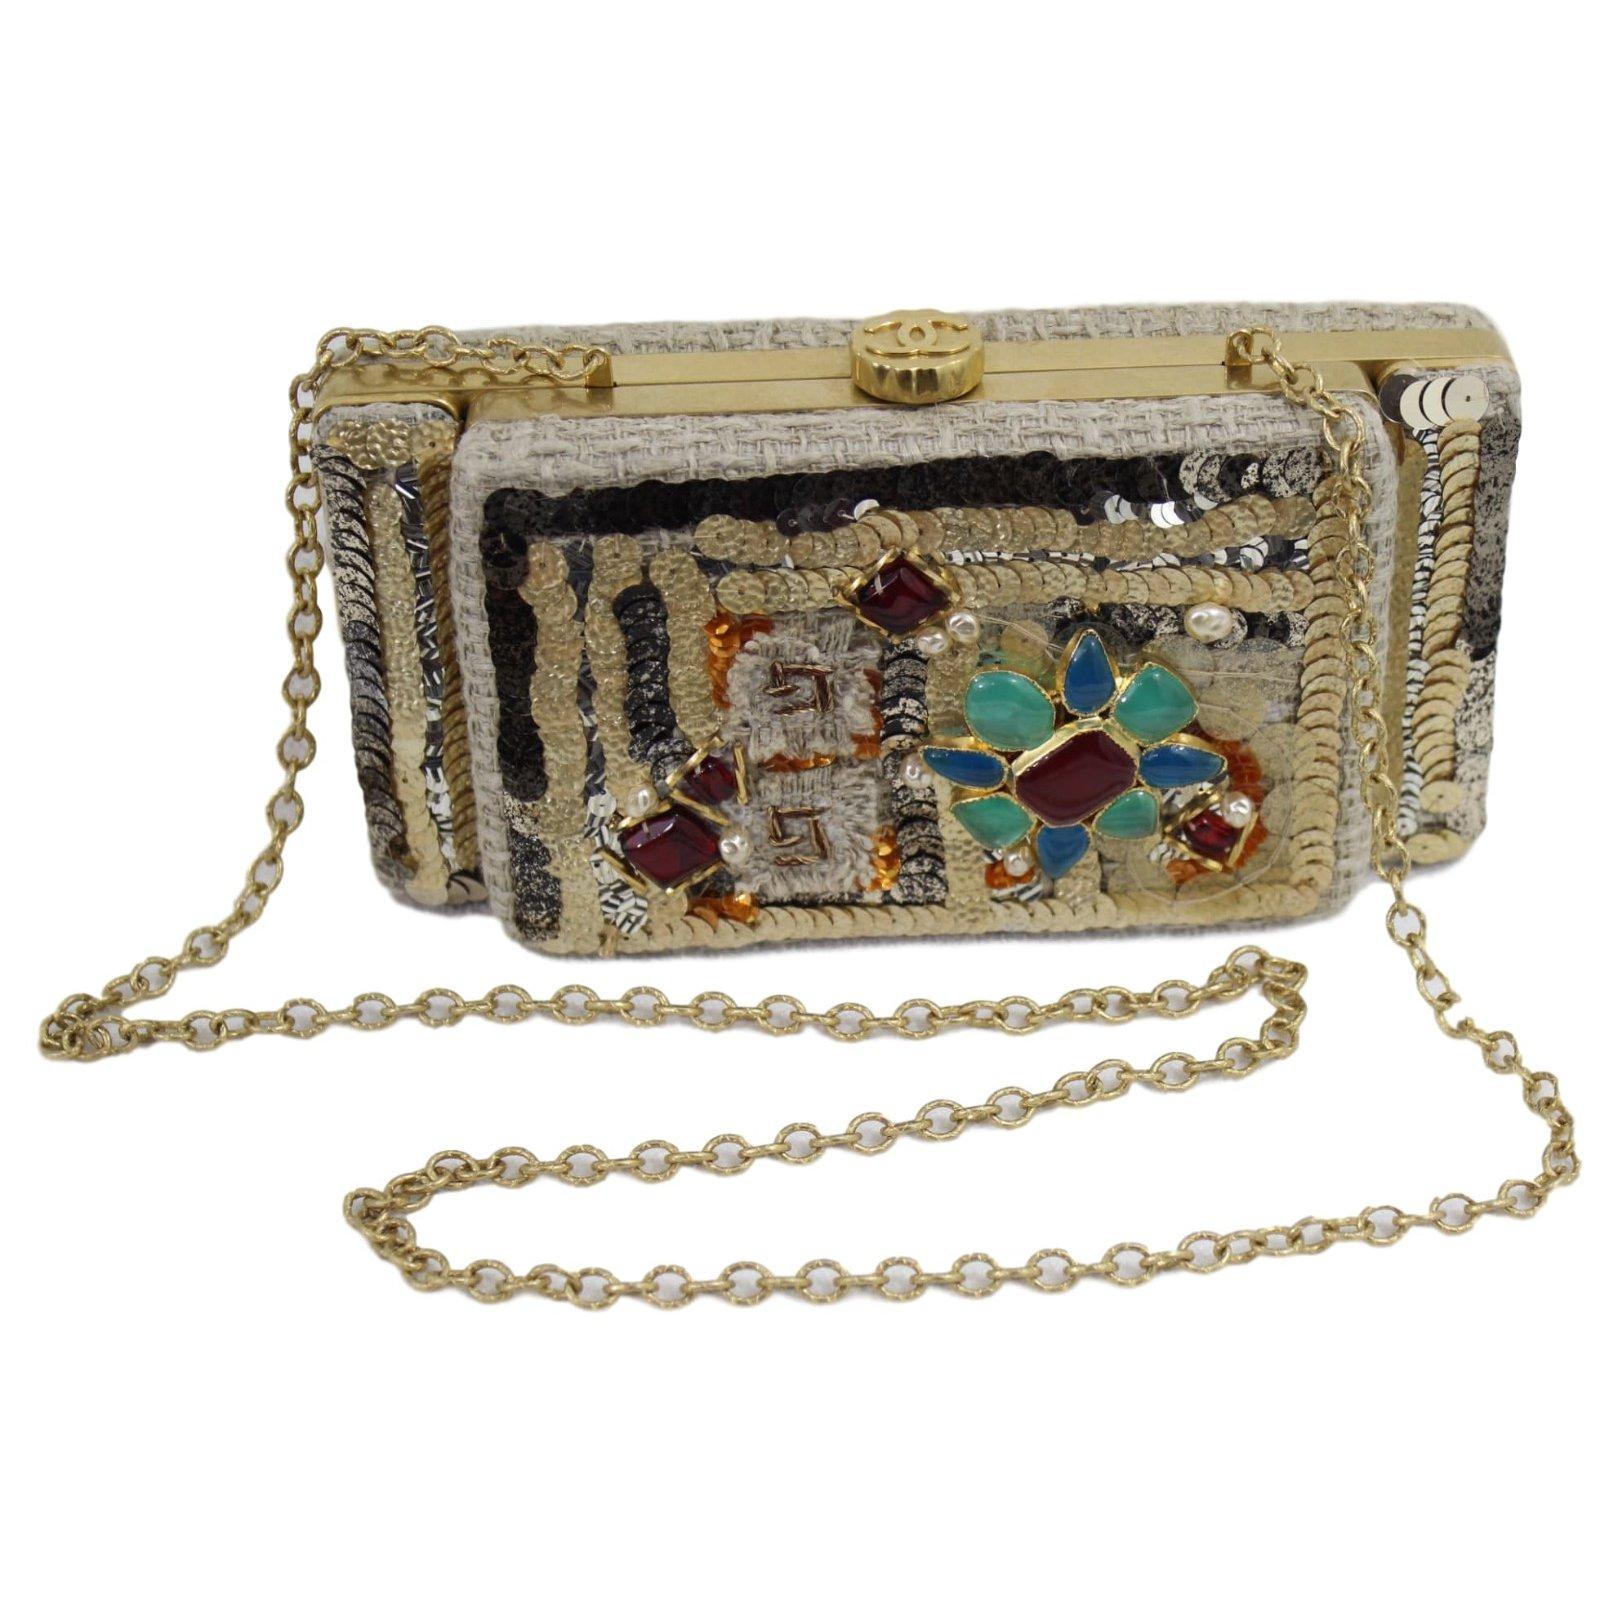 7650fea2a2a2 Chanel Clutch Handbags Metal Golden ref.45559 - Joli Closet